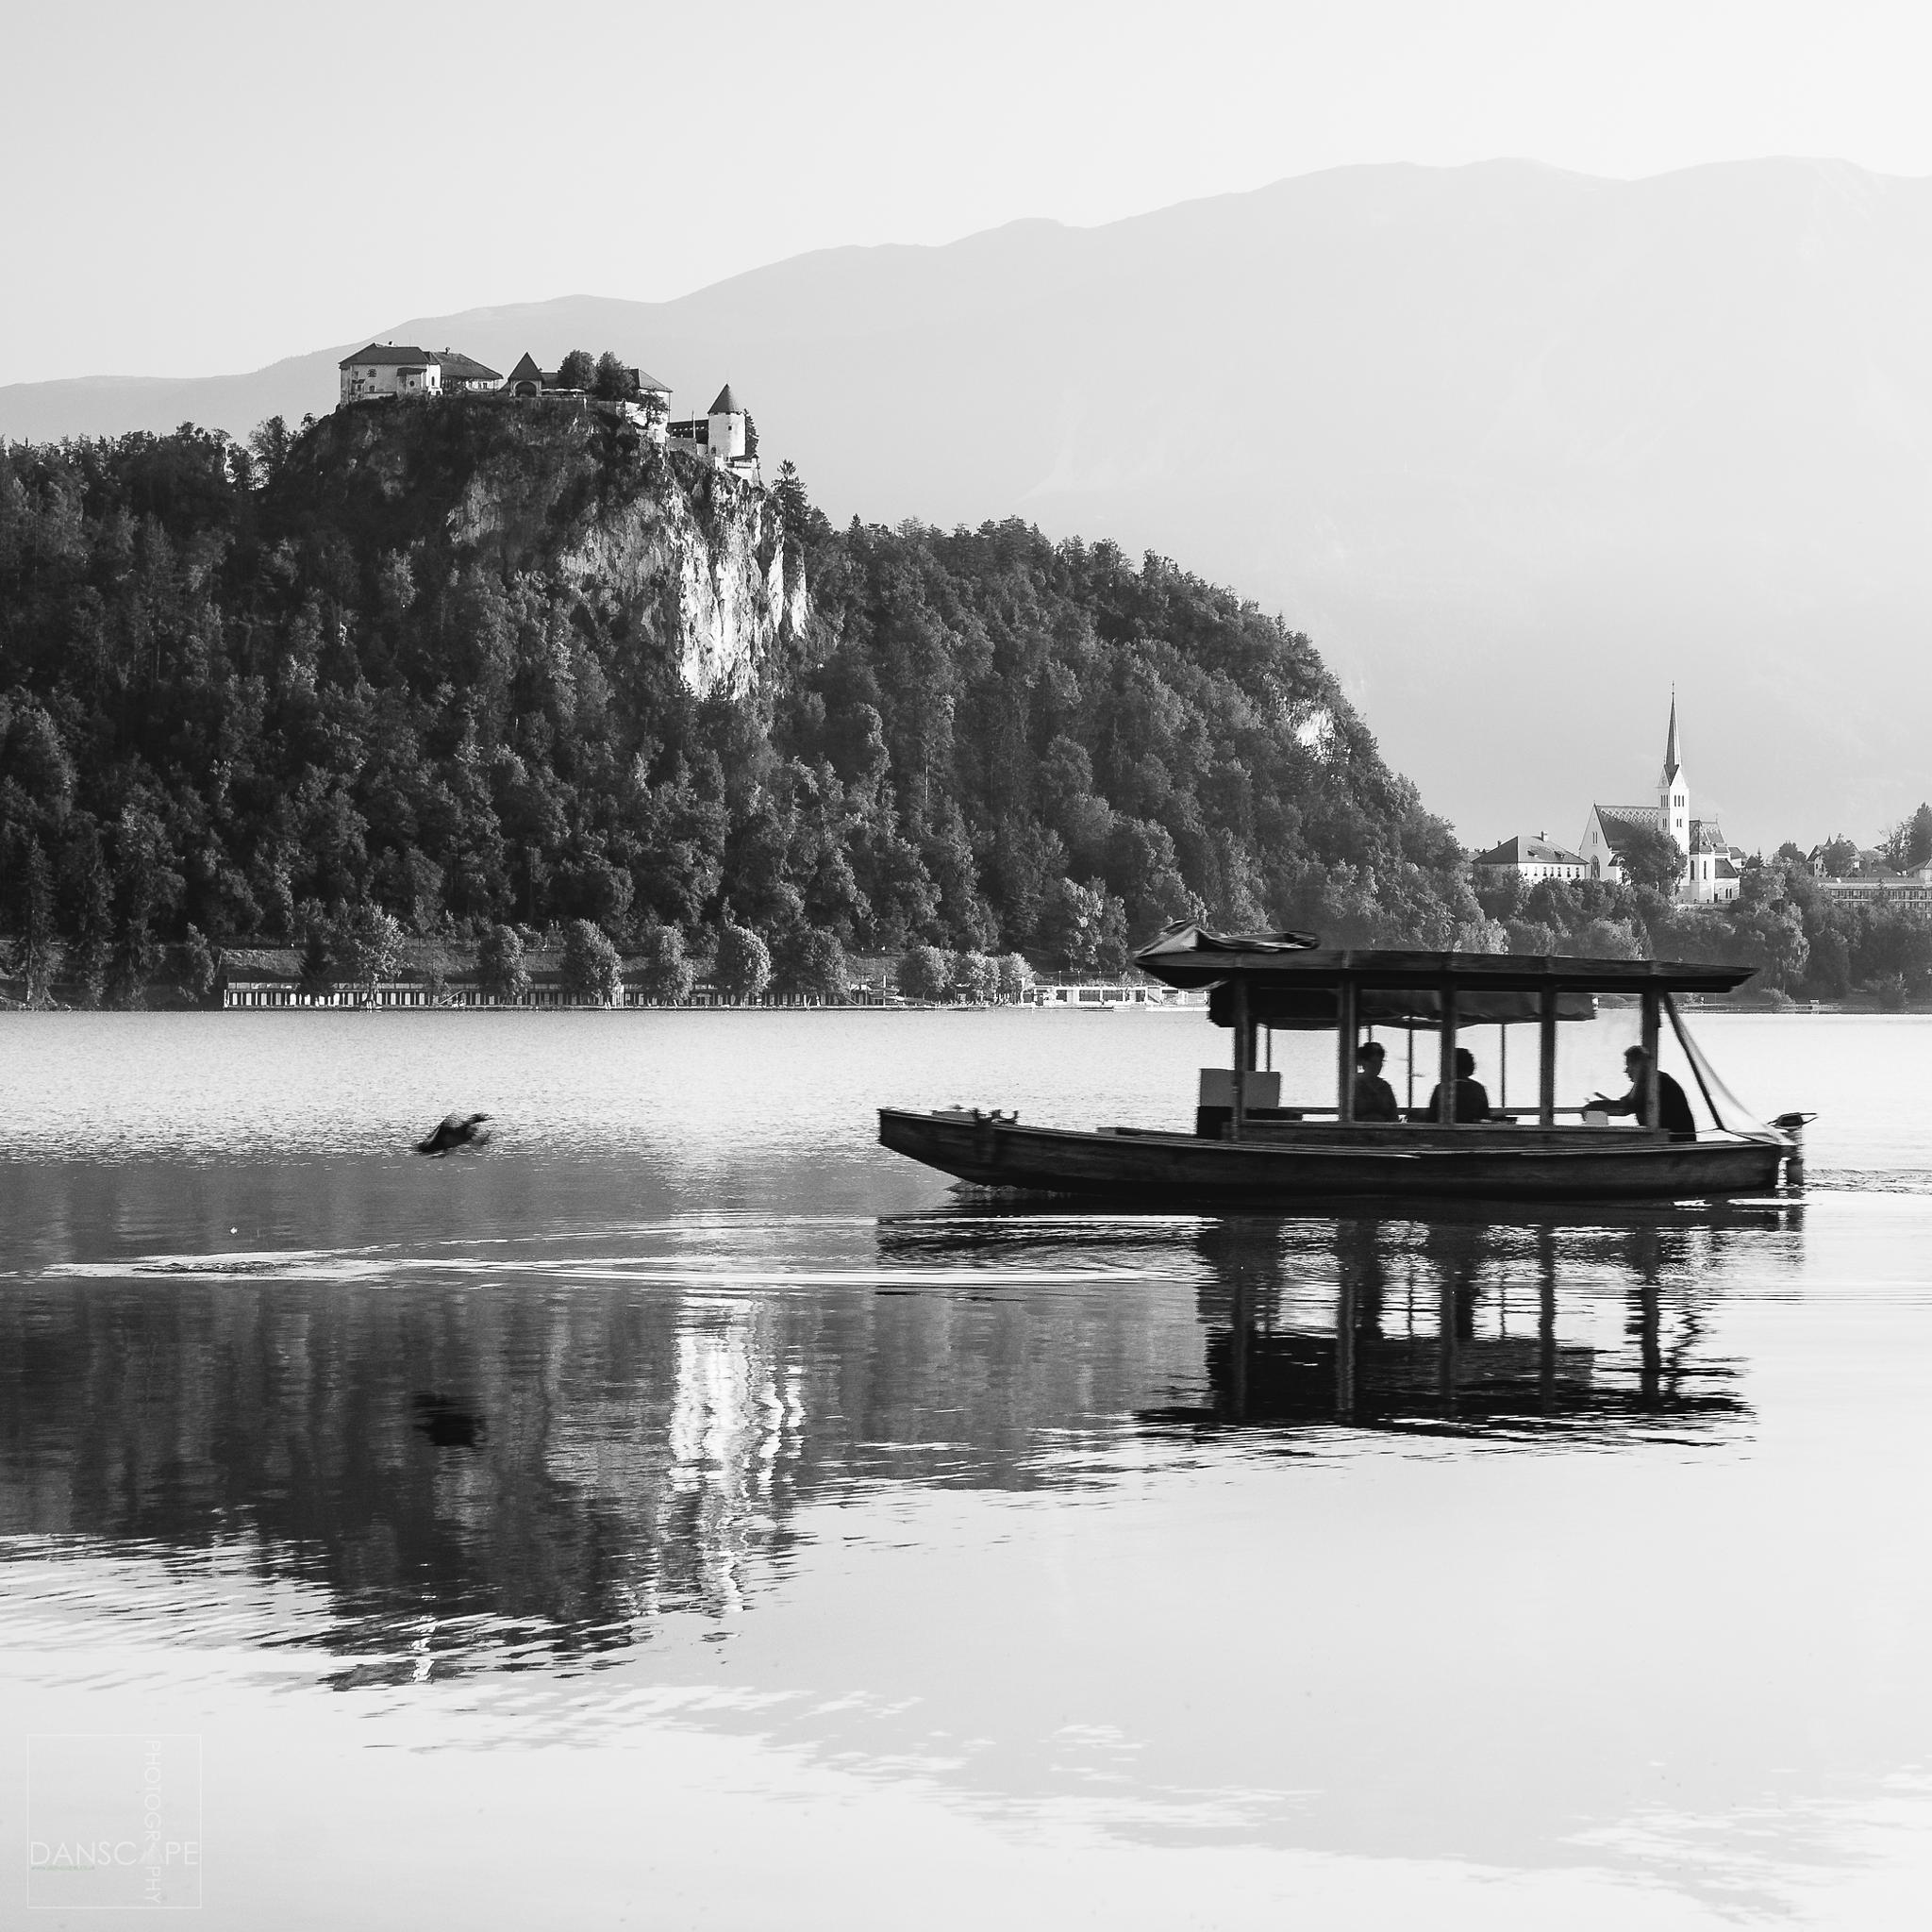 lake awakens by Dan Cook